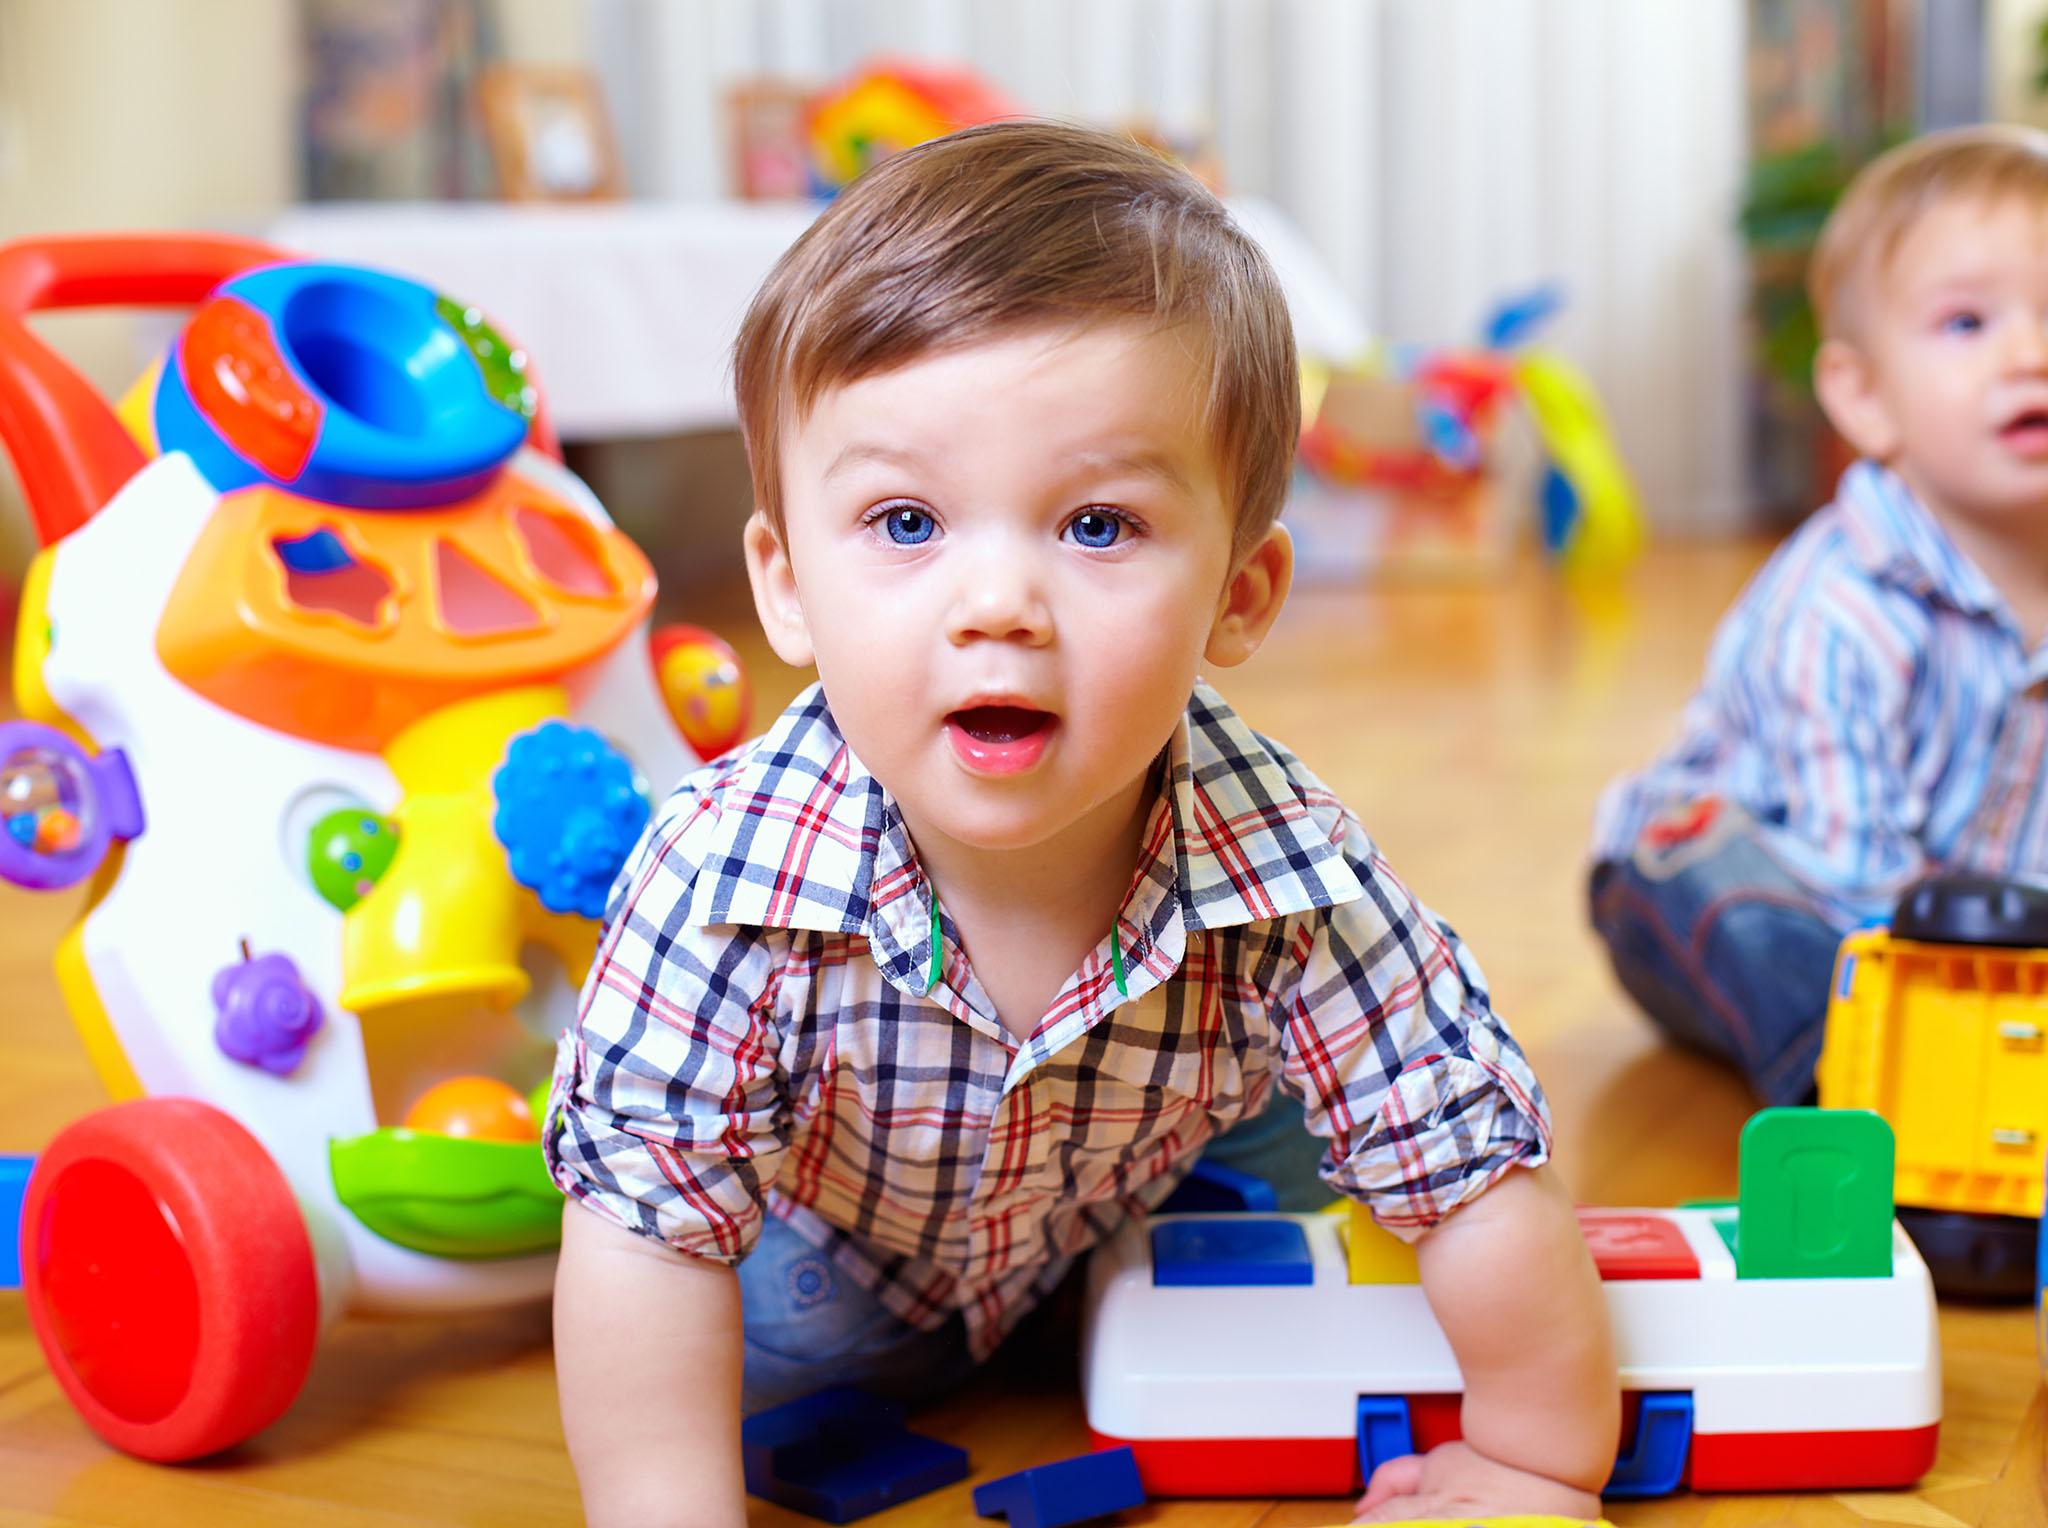 10 Jeux Pour Faciliter L'apprentissage Du Langage | Protégez concernant Jeux De Petit Garçon De 3 Ans